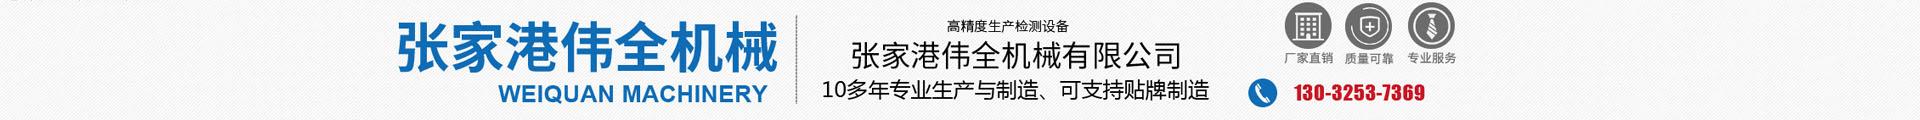 张家港伟全机械有限公司